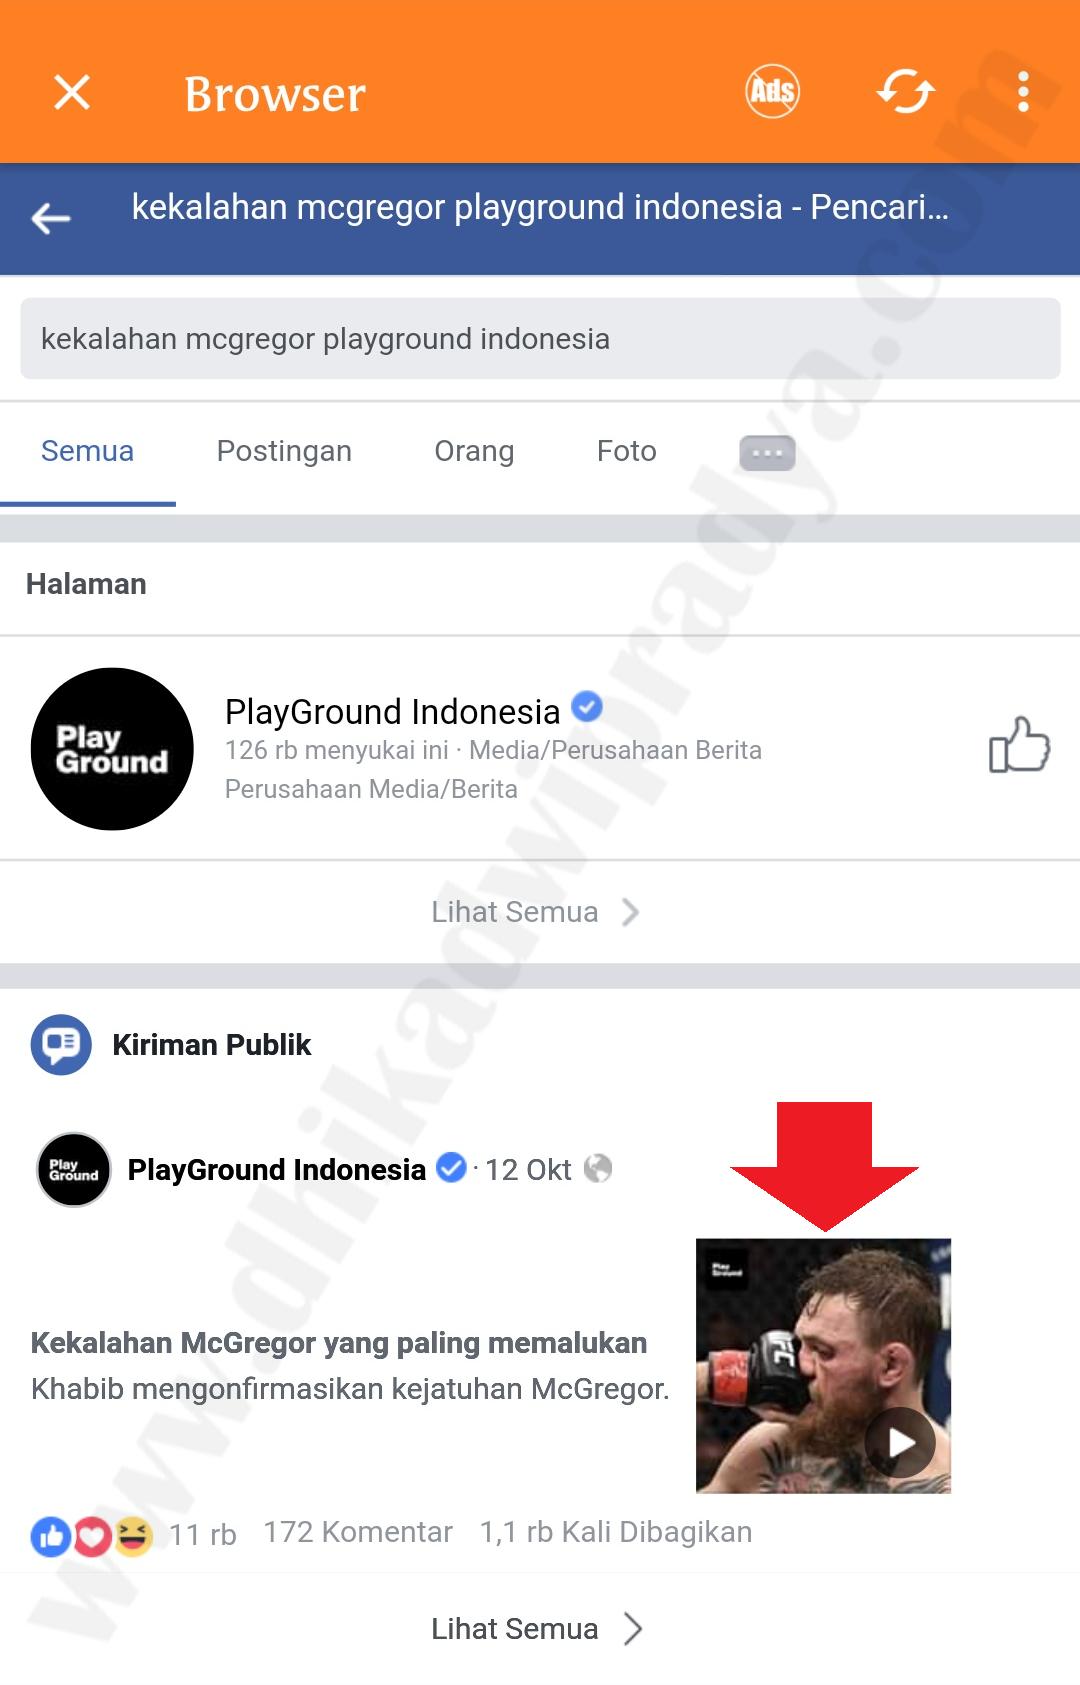 cara-download-video-facebook-di-android8-dhikadwipradya